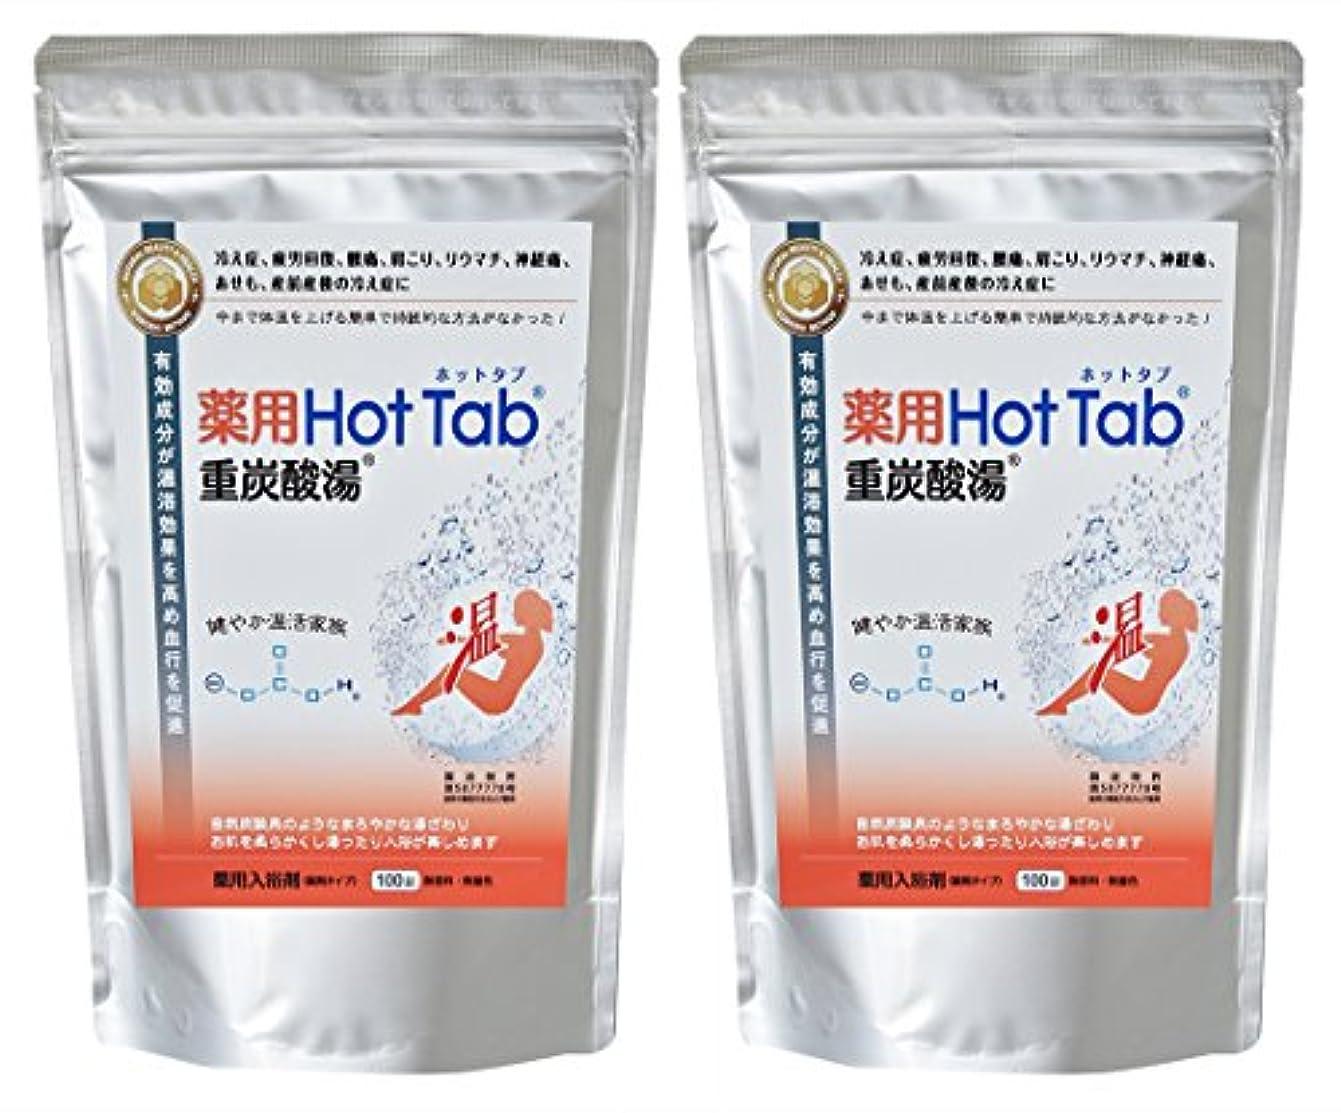 反対する関数ボクシング薬用 Hot Tab 重炭酸湯 100錠入りx2セット